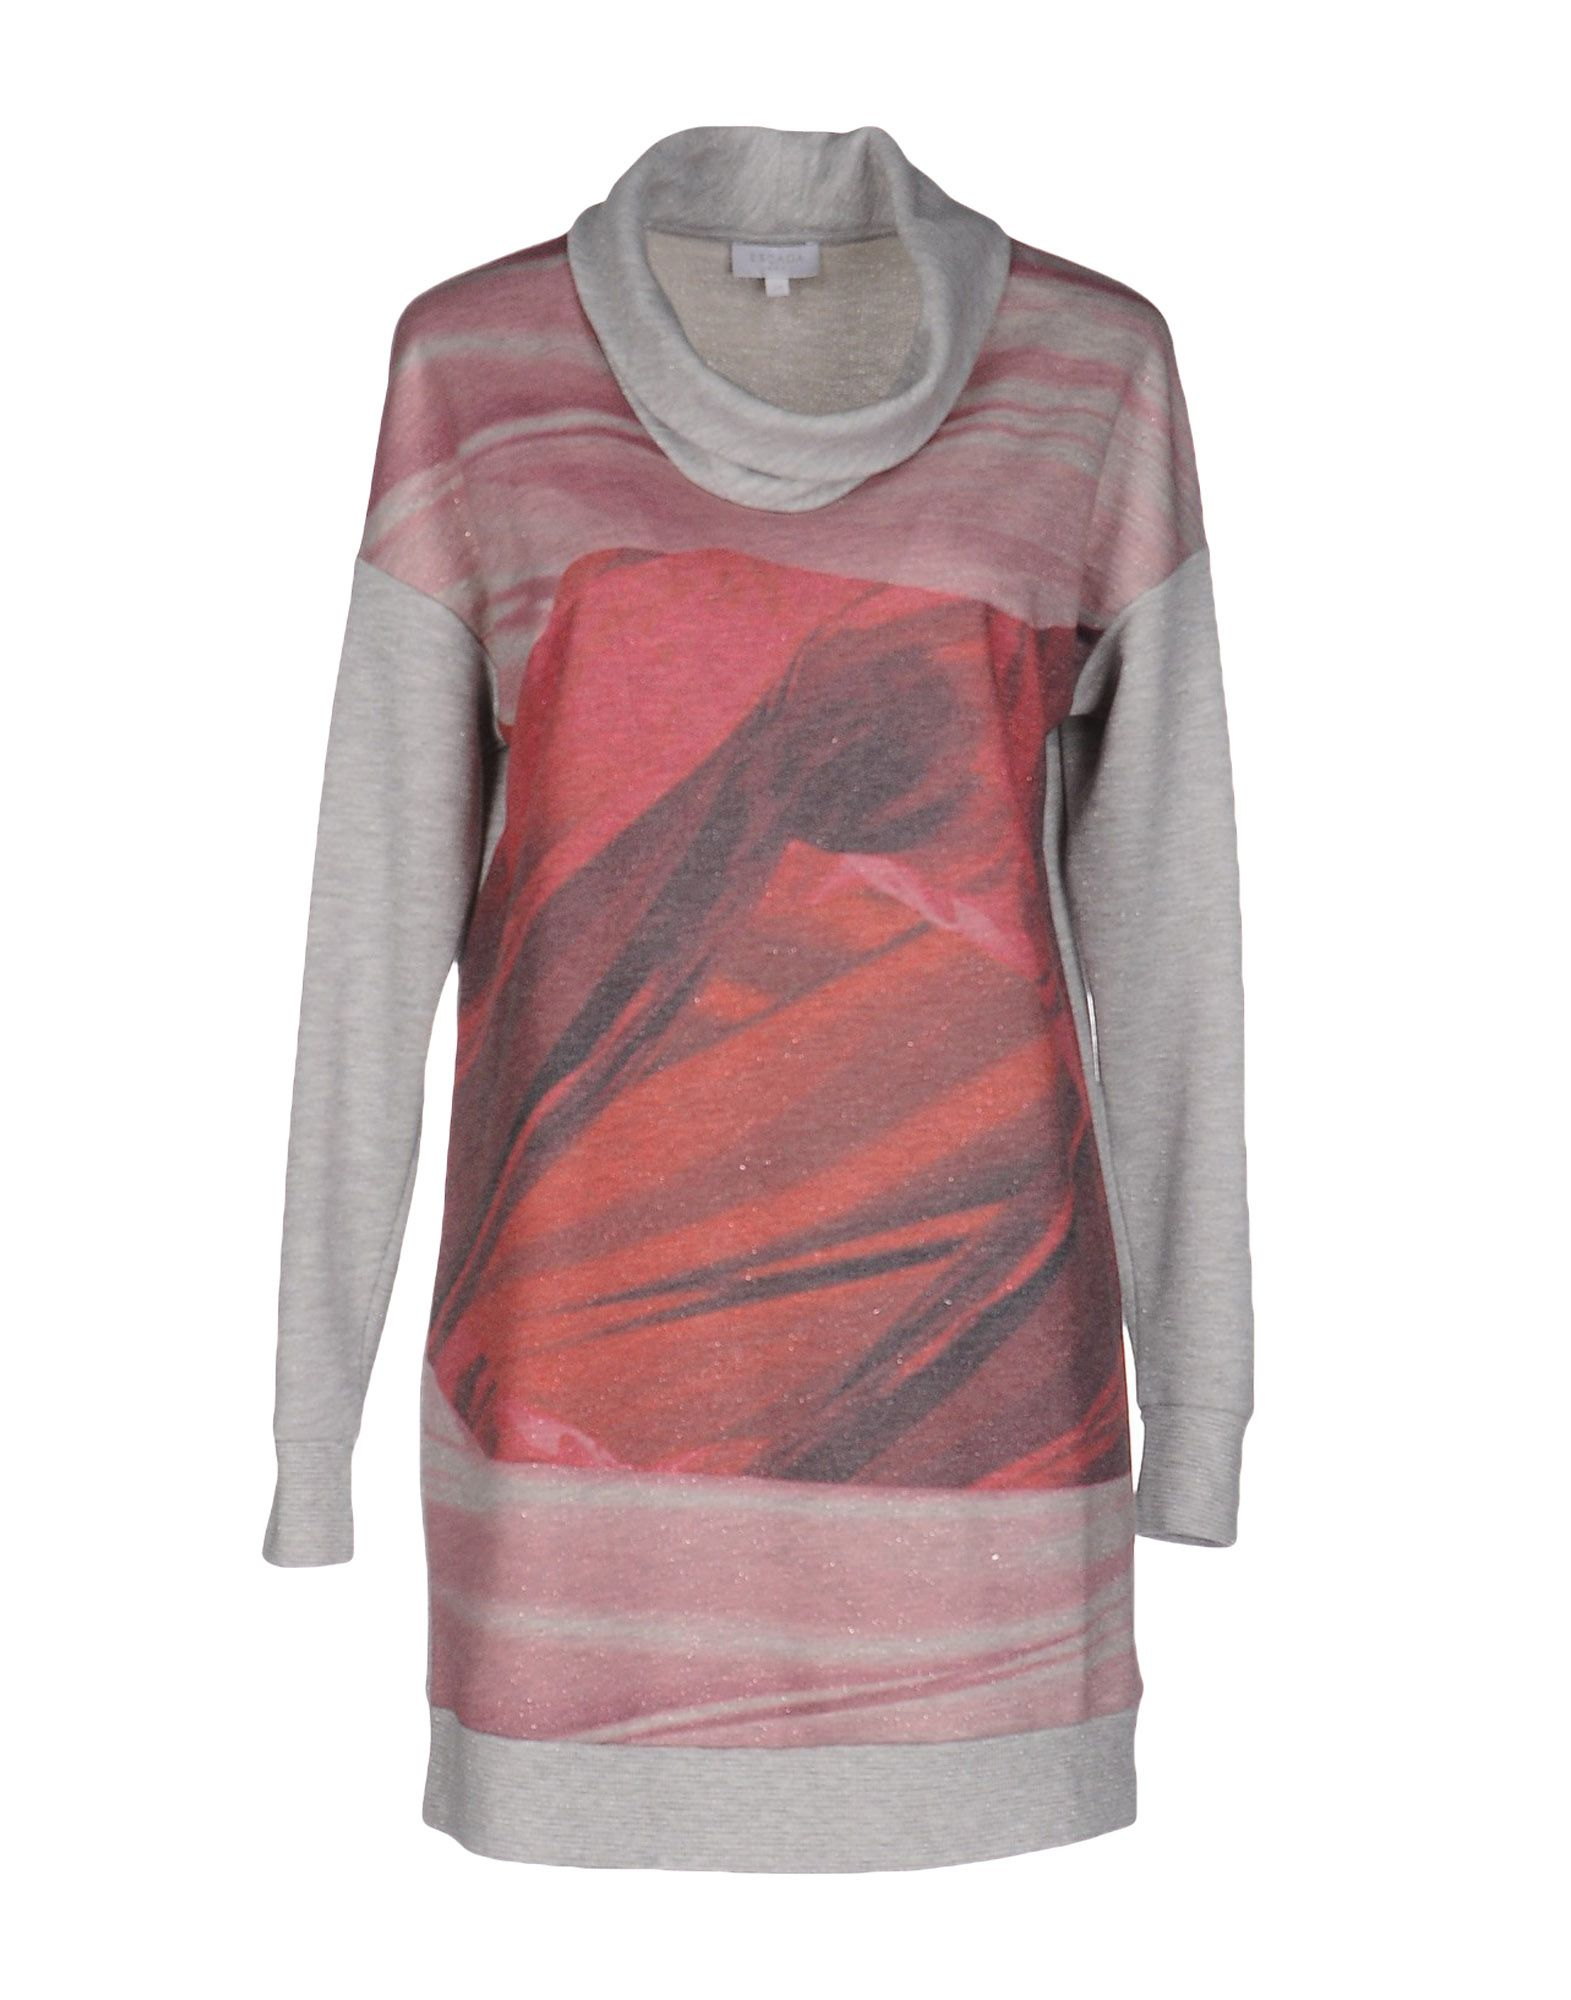 цены на ESCADA SPORT Короткое платье в интернет-магазинах